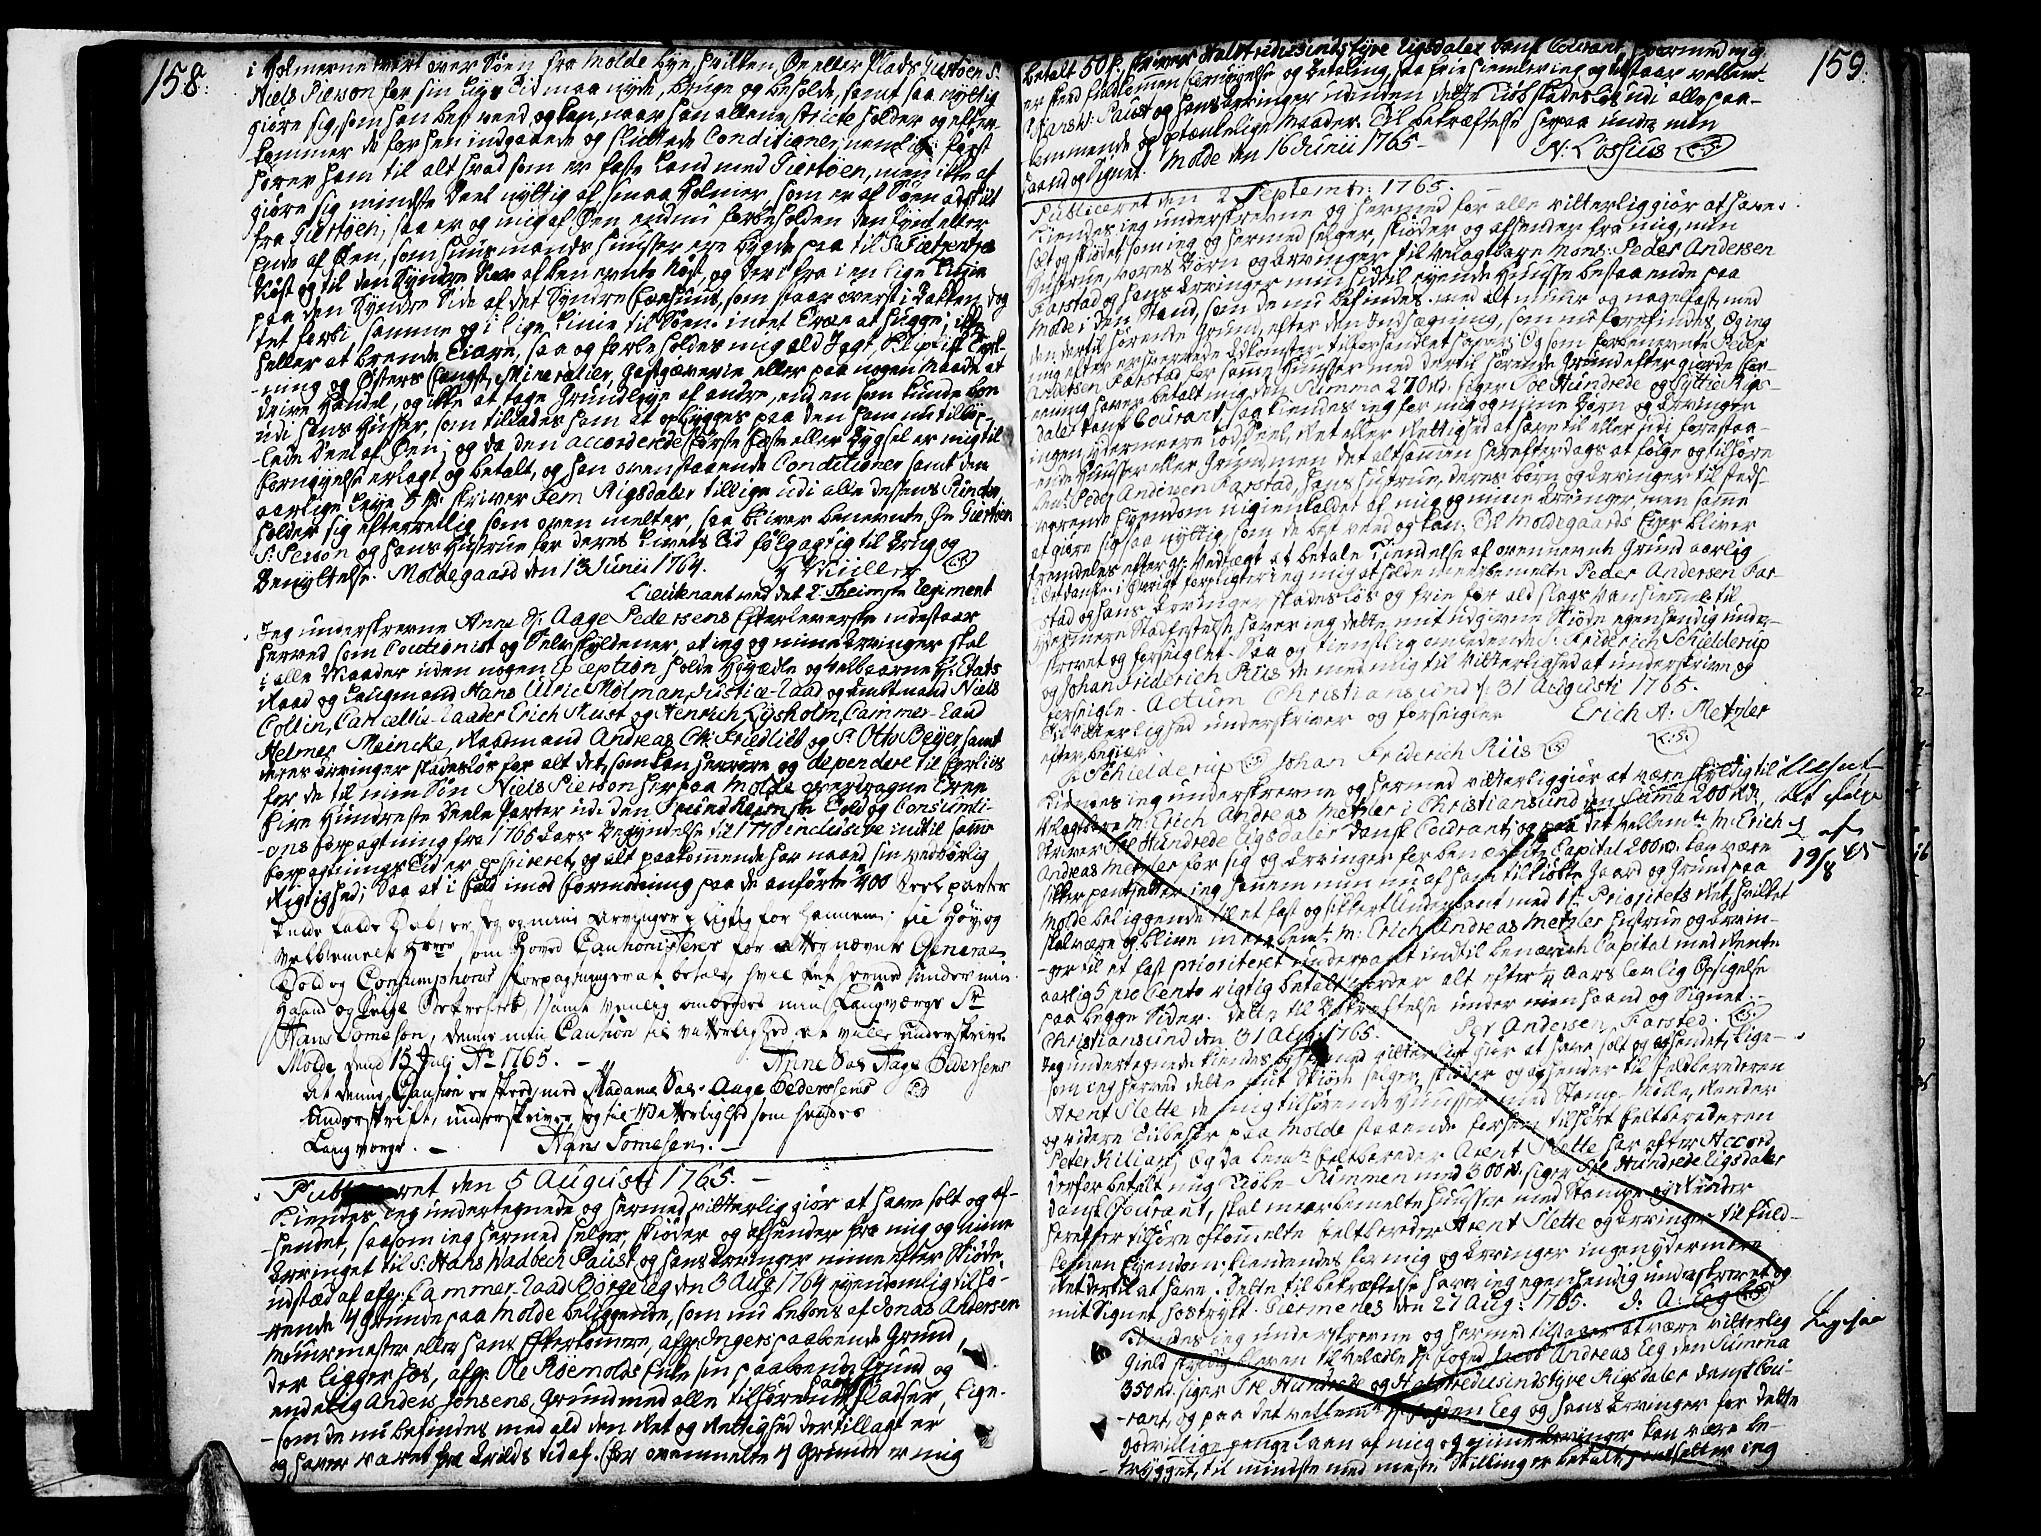 SAT, Molde byfogd, 2/2C/L0001: Pantebok nr. 1, 1748-1823, s. 158-159